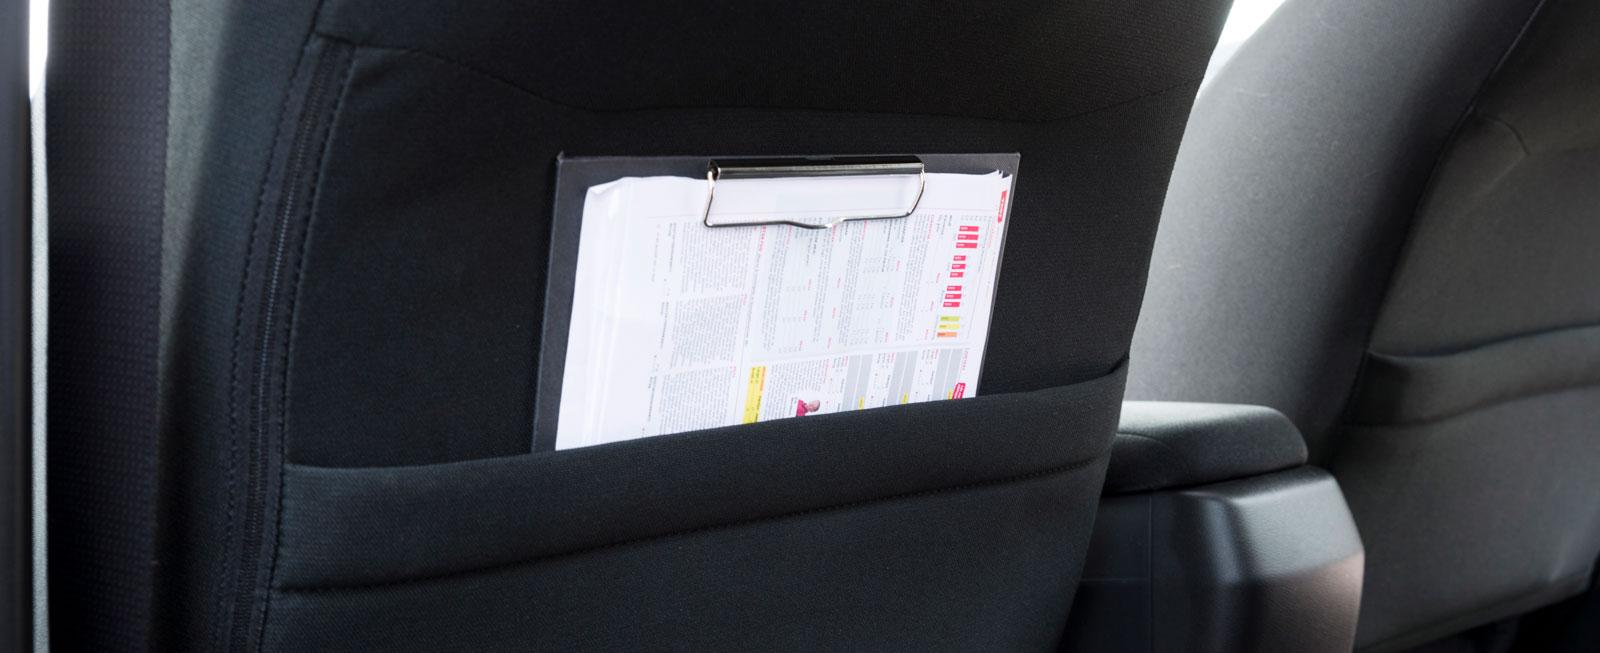 Praktisk ficka på baksidan av framstolarna finns endast till toppversionen Elegance. Dåligt beslut av Honda. Det borde gå att få redan i instegsversionen.